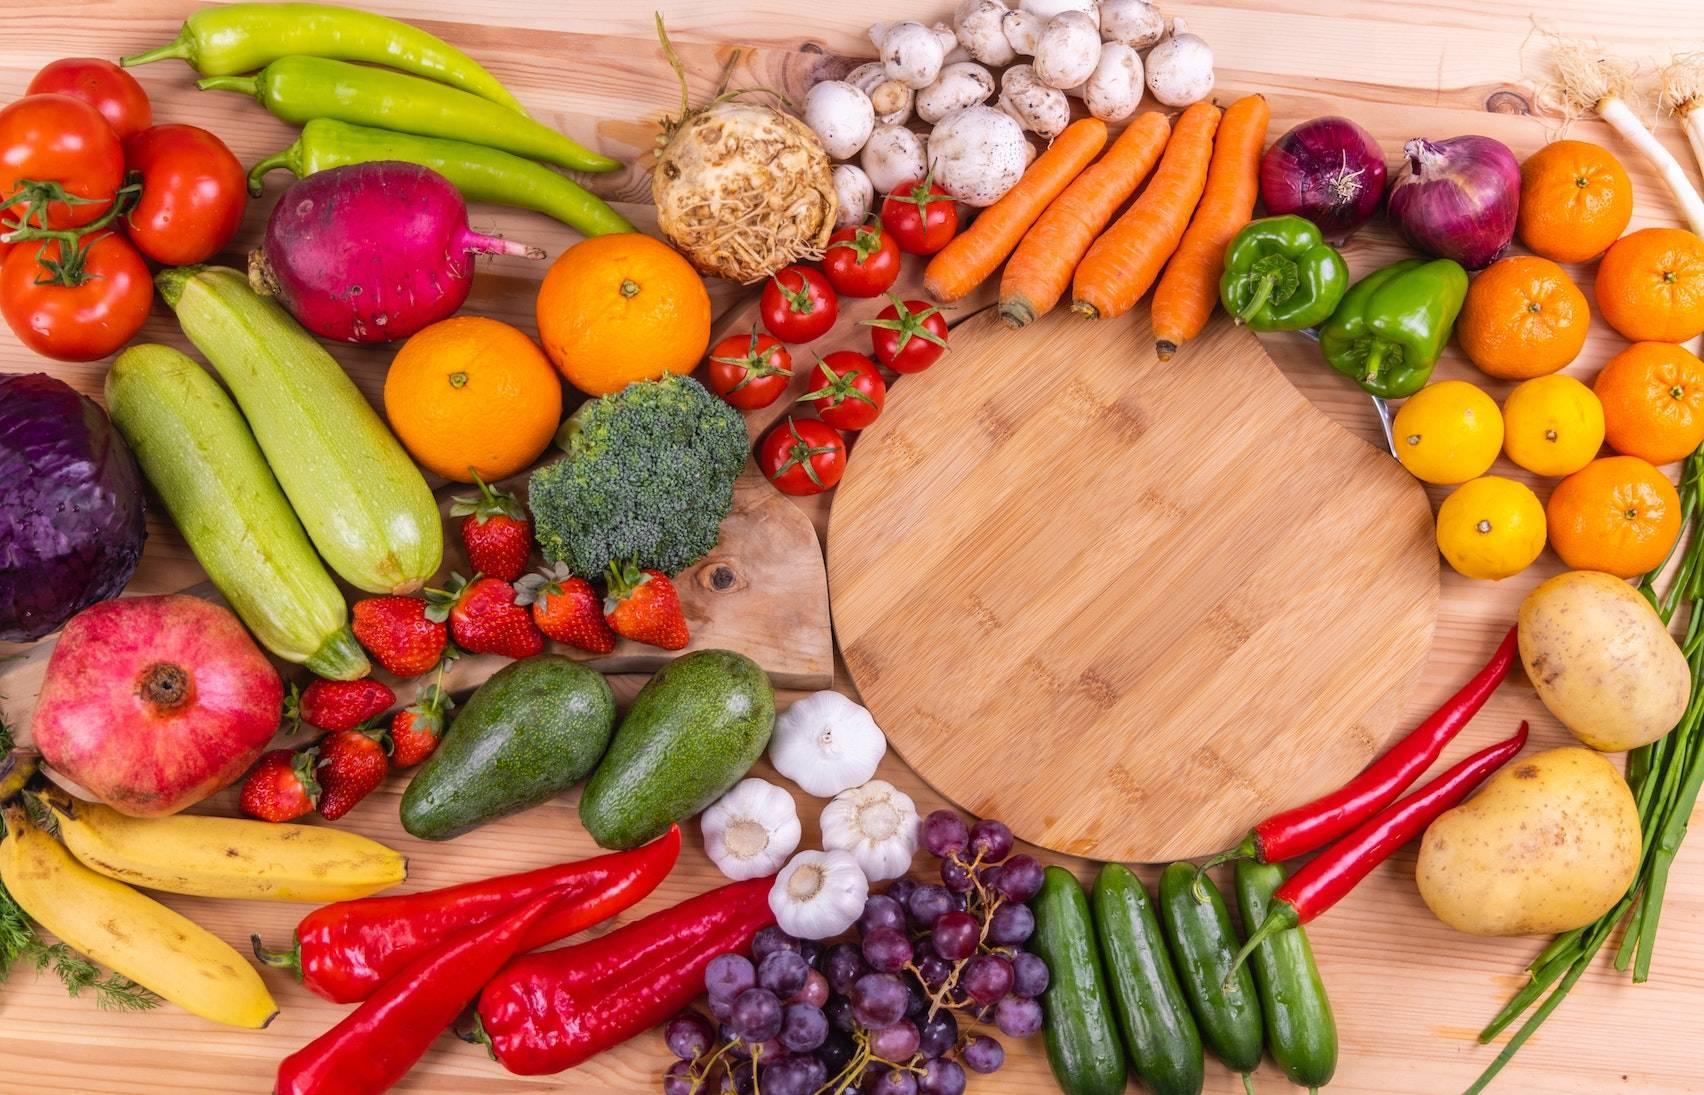 Fruta e Legumes, das melhores escolhas!